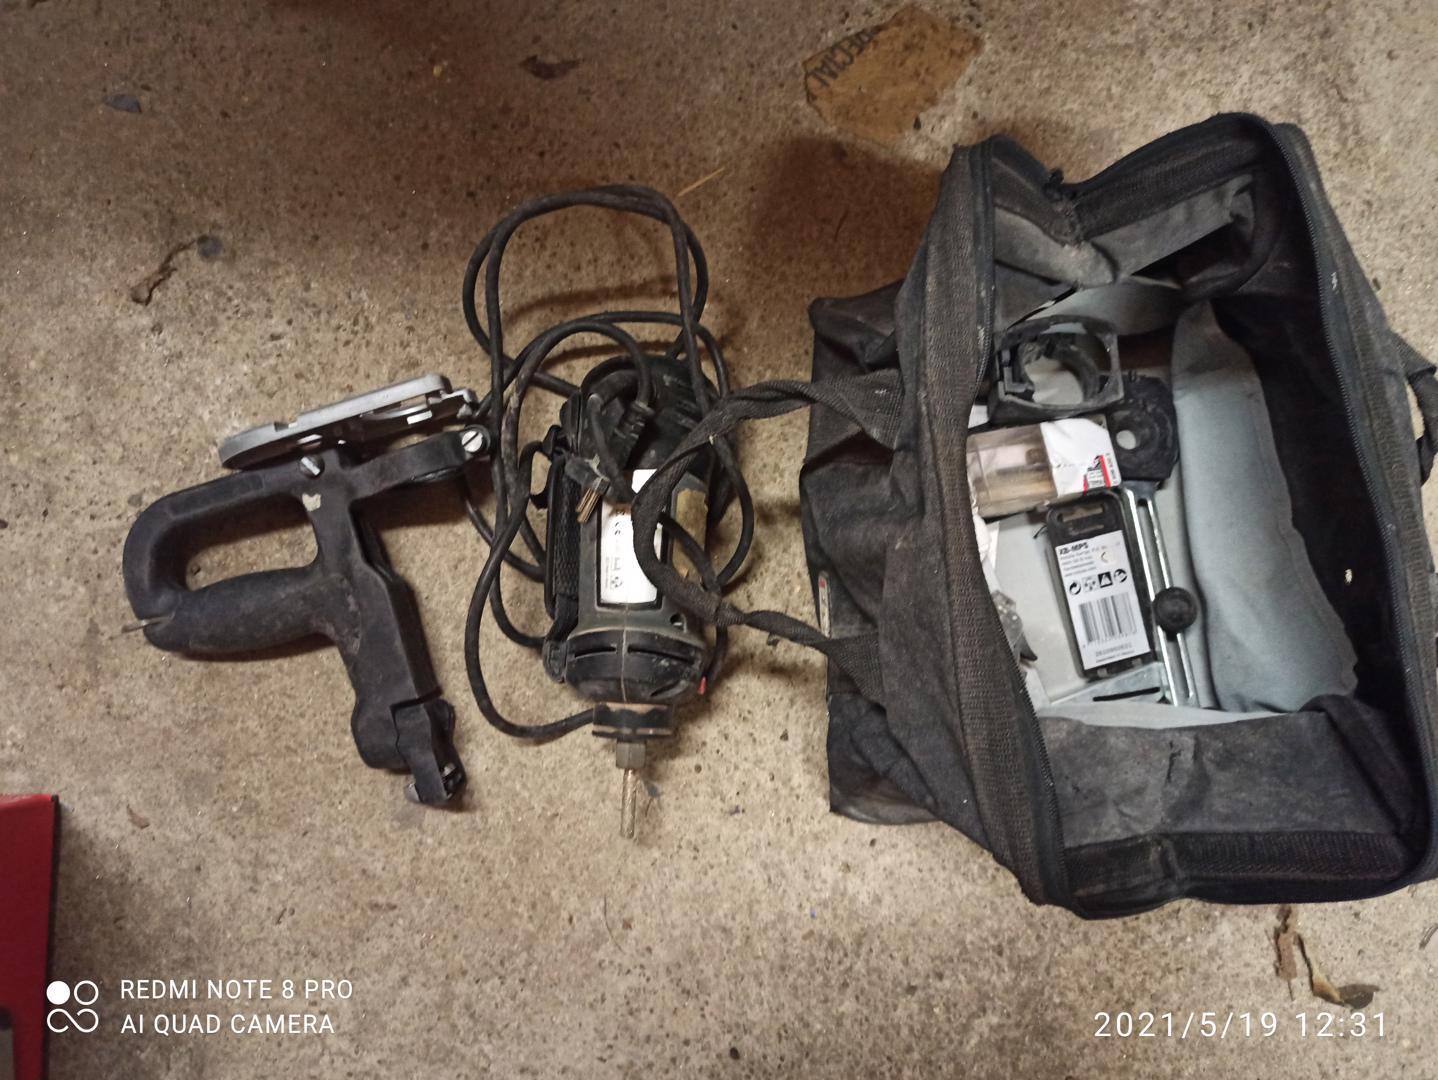 RotoZip RZ3 Spirálová pila - foto 1